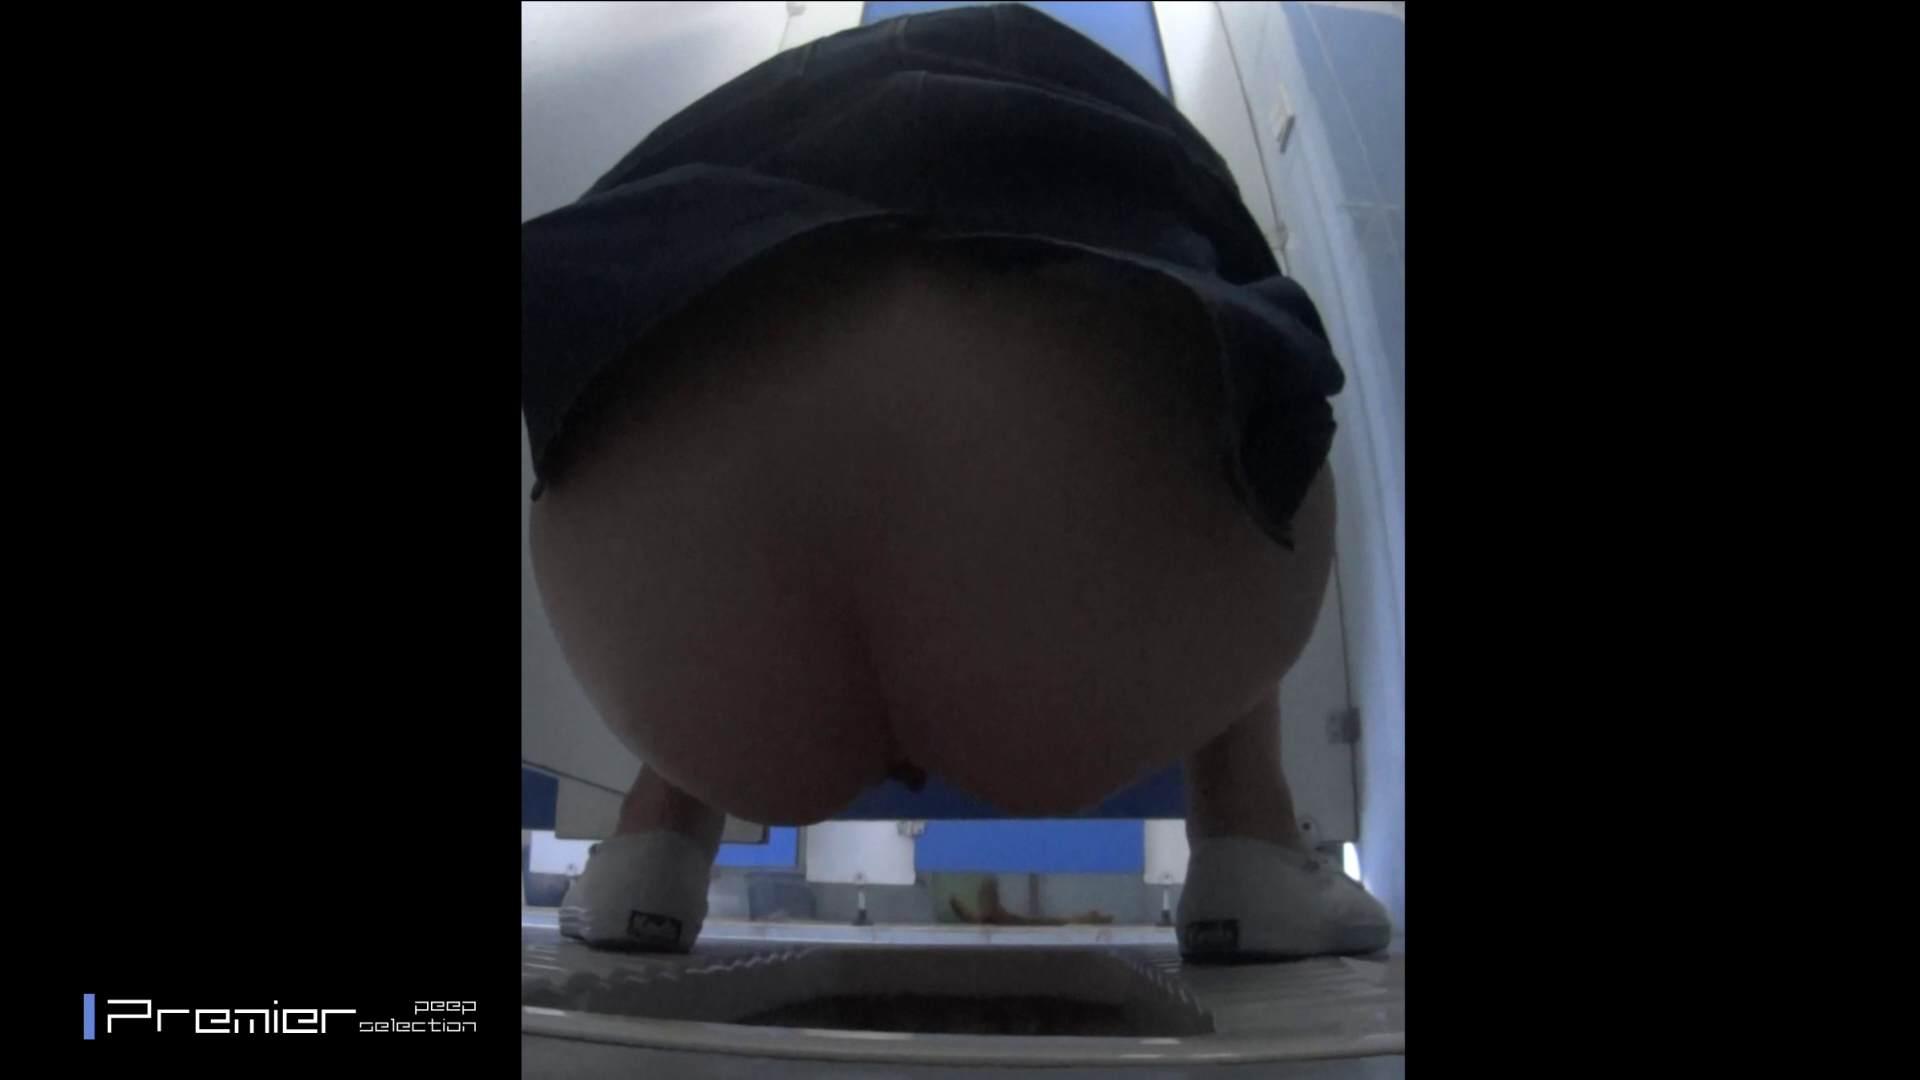 高画質ロング再生11分!大学休憩時間の洗面所事情73 高画質 隠し撮りおまんこ動画流出 47連発 19